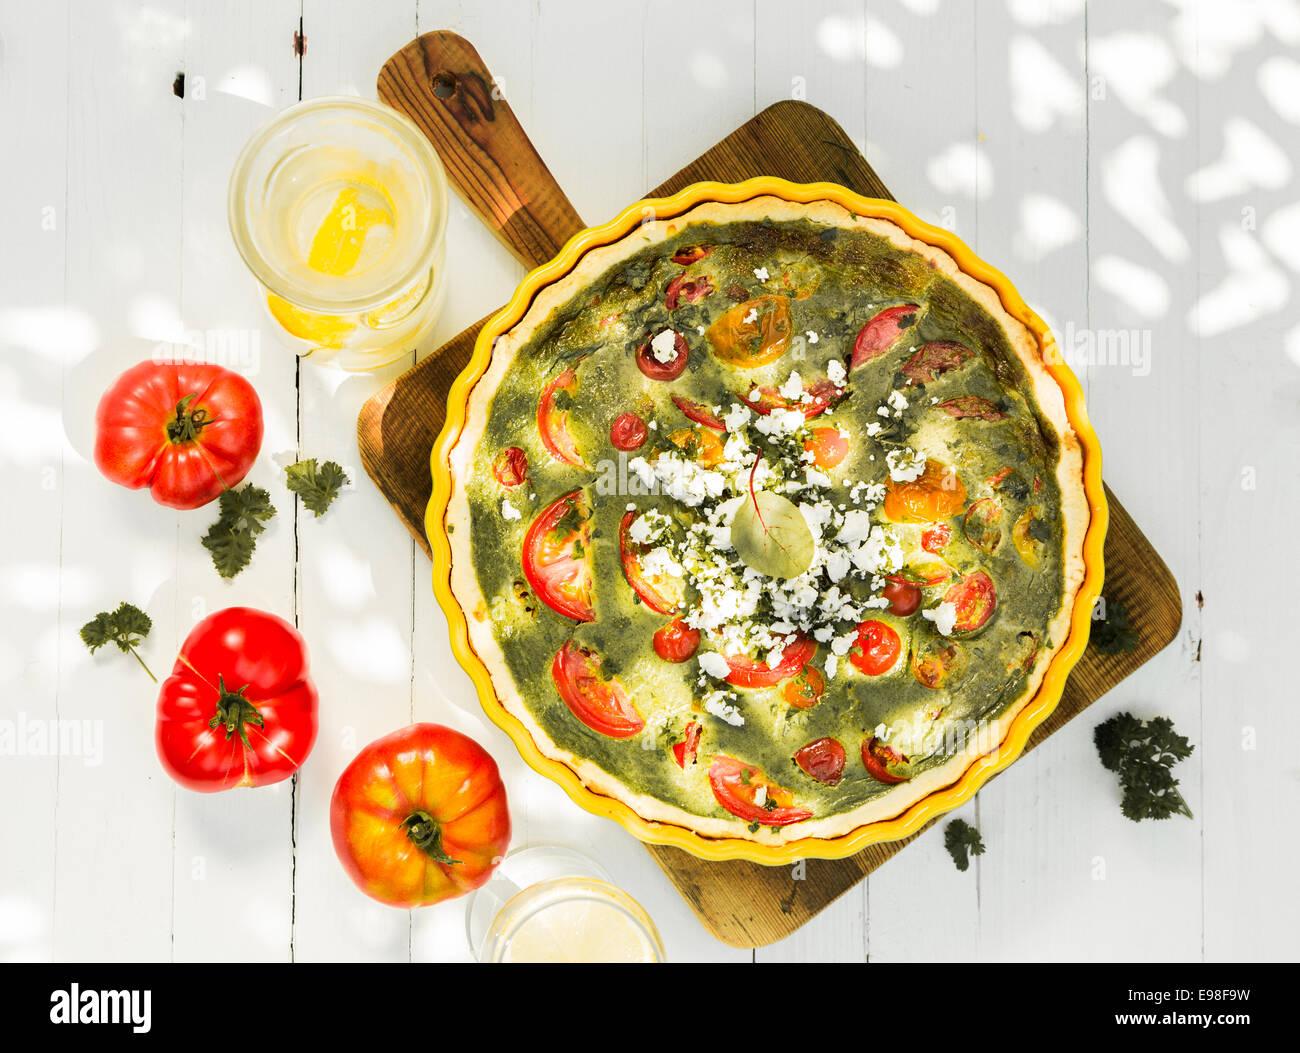 Herzhafte Quiche mit Ei, Tomaten, Käse und Kräutern auf ein Schneidbrett aus Holz mit frischen Tomaten Stockbild